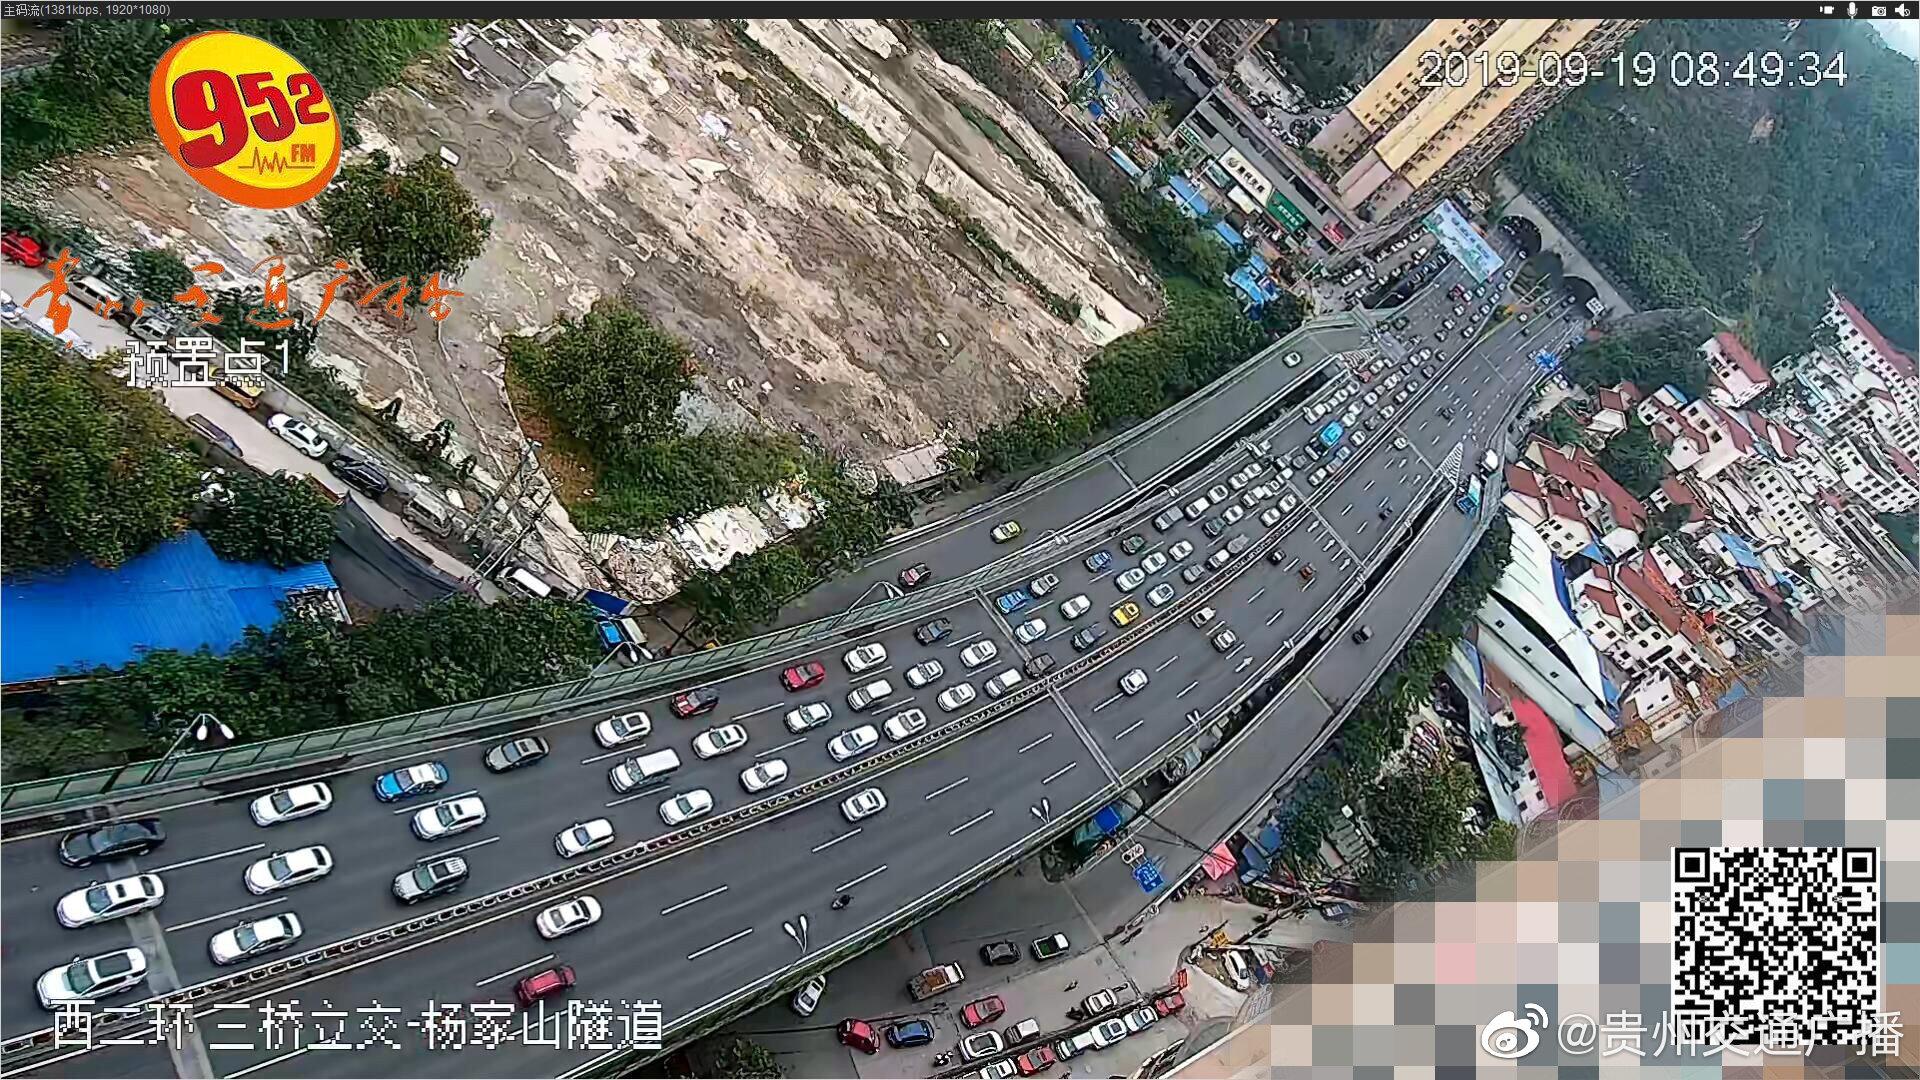 发布9月19日早间路况:西二环,三桥立交往中坝立交车多缓行严重